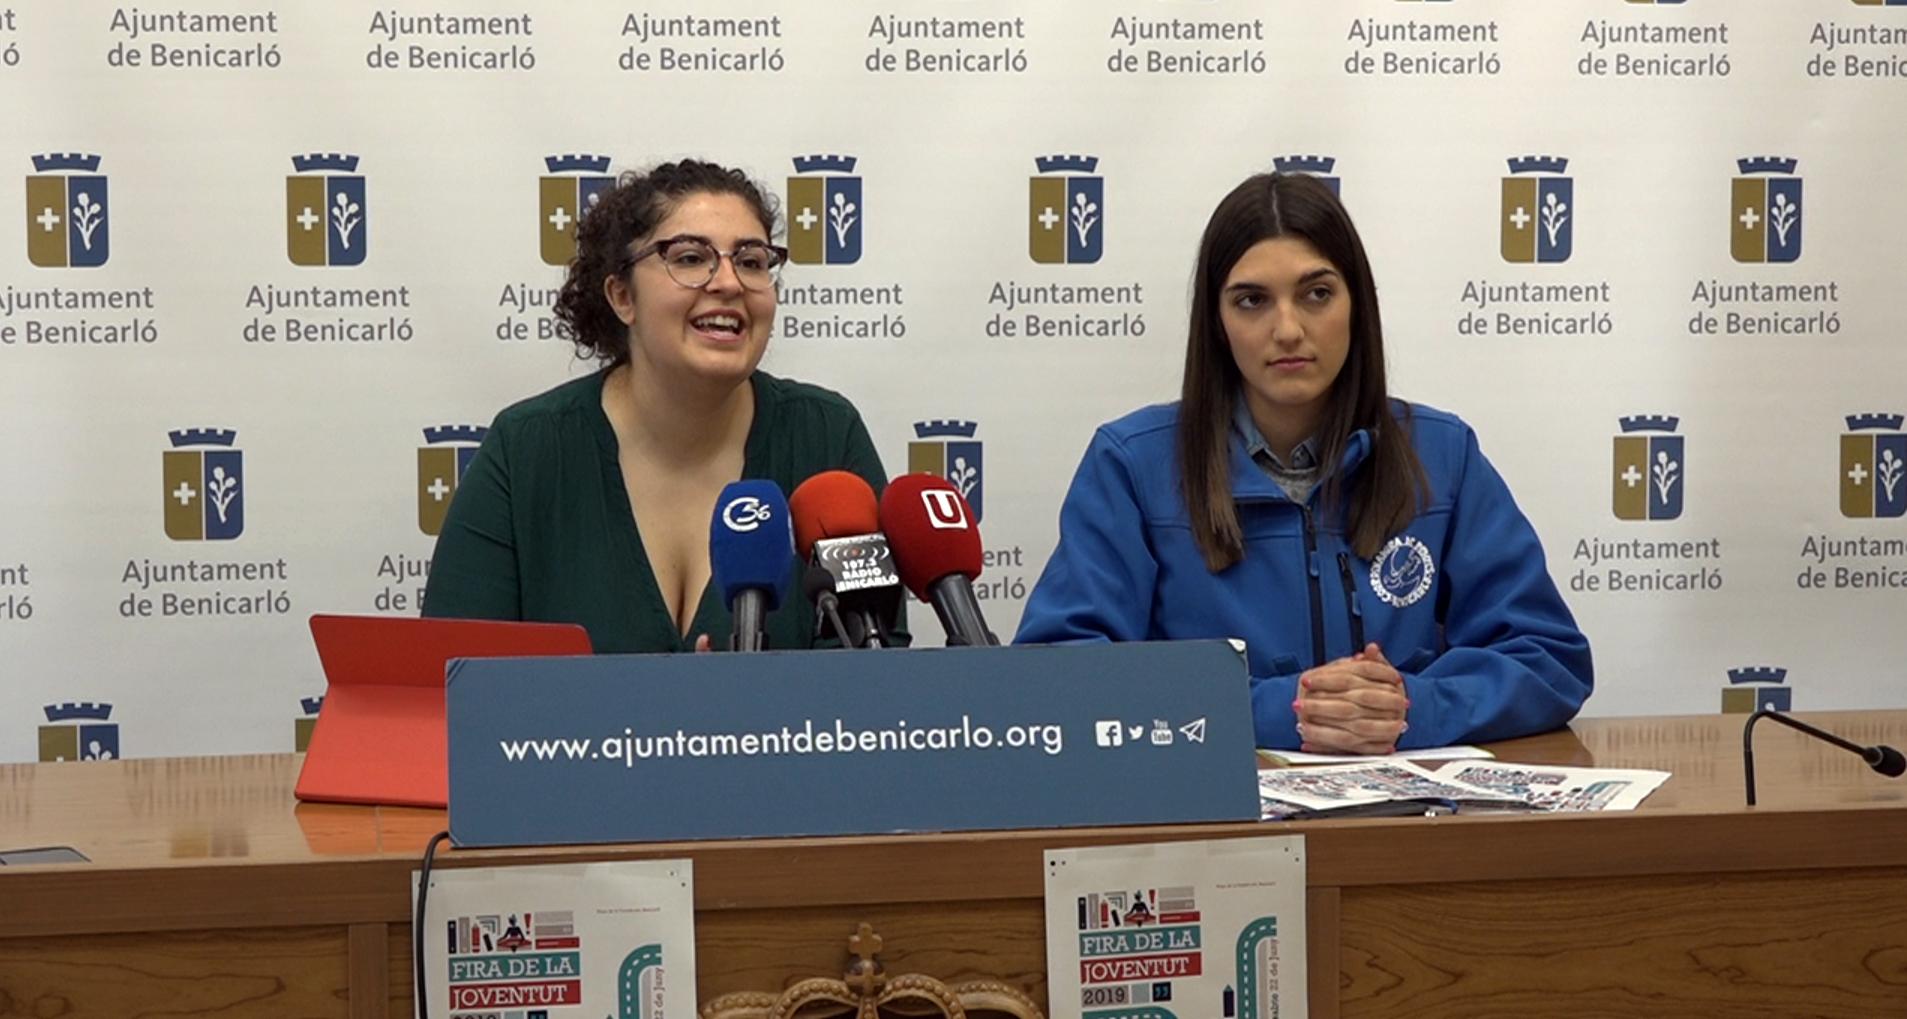 Benicarló, la 4a Fira de la Joventut se celebrarà el 22 de juny